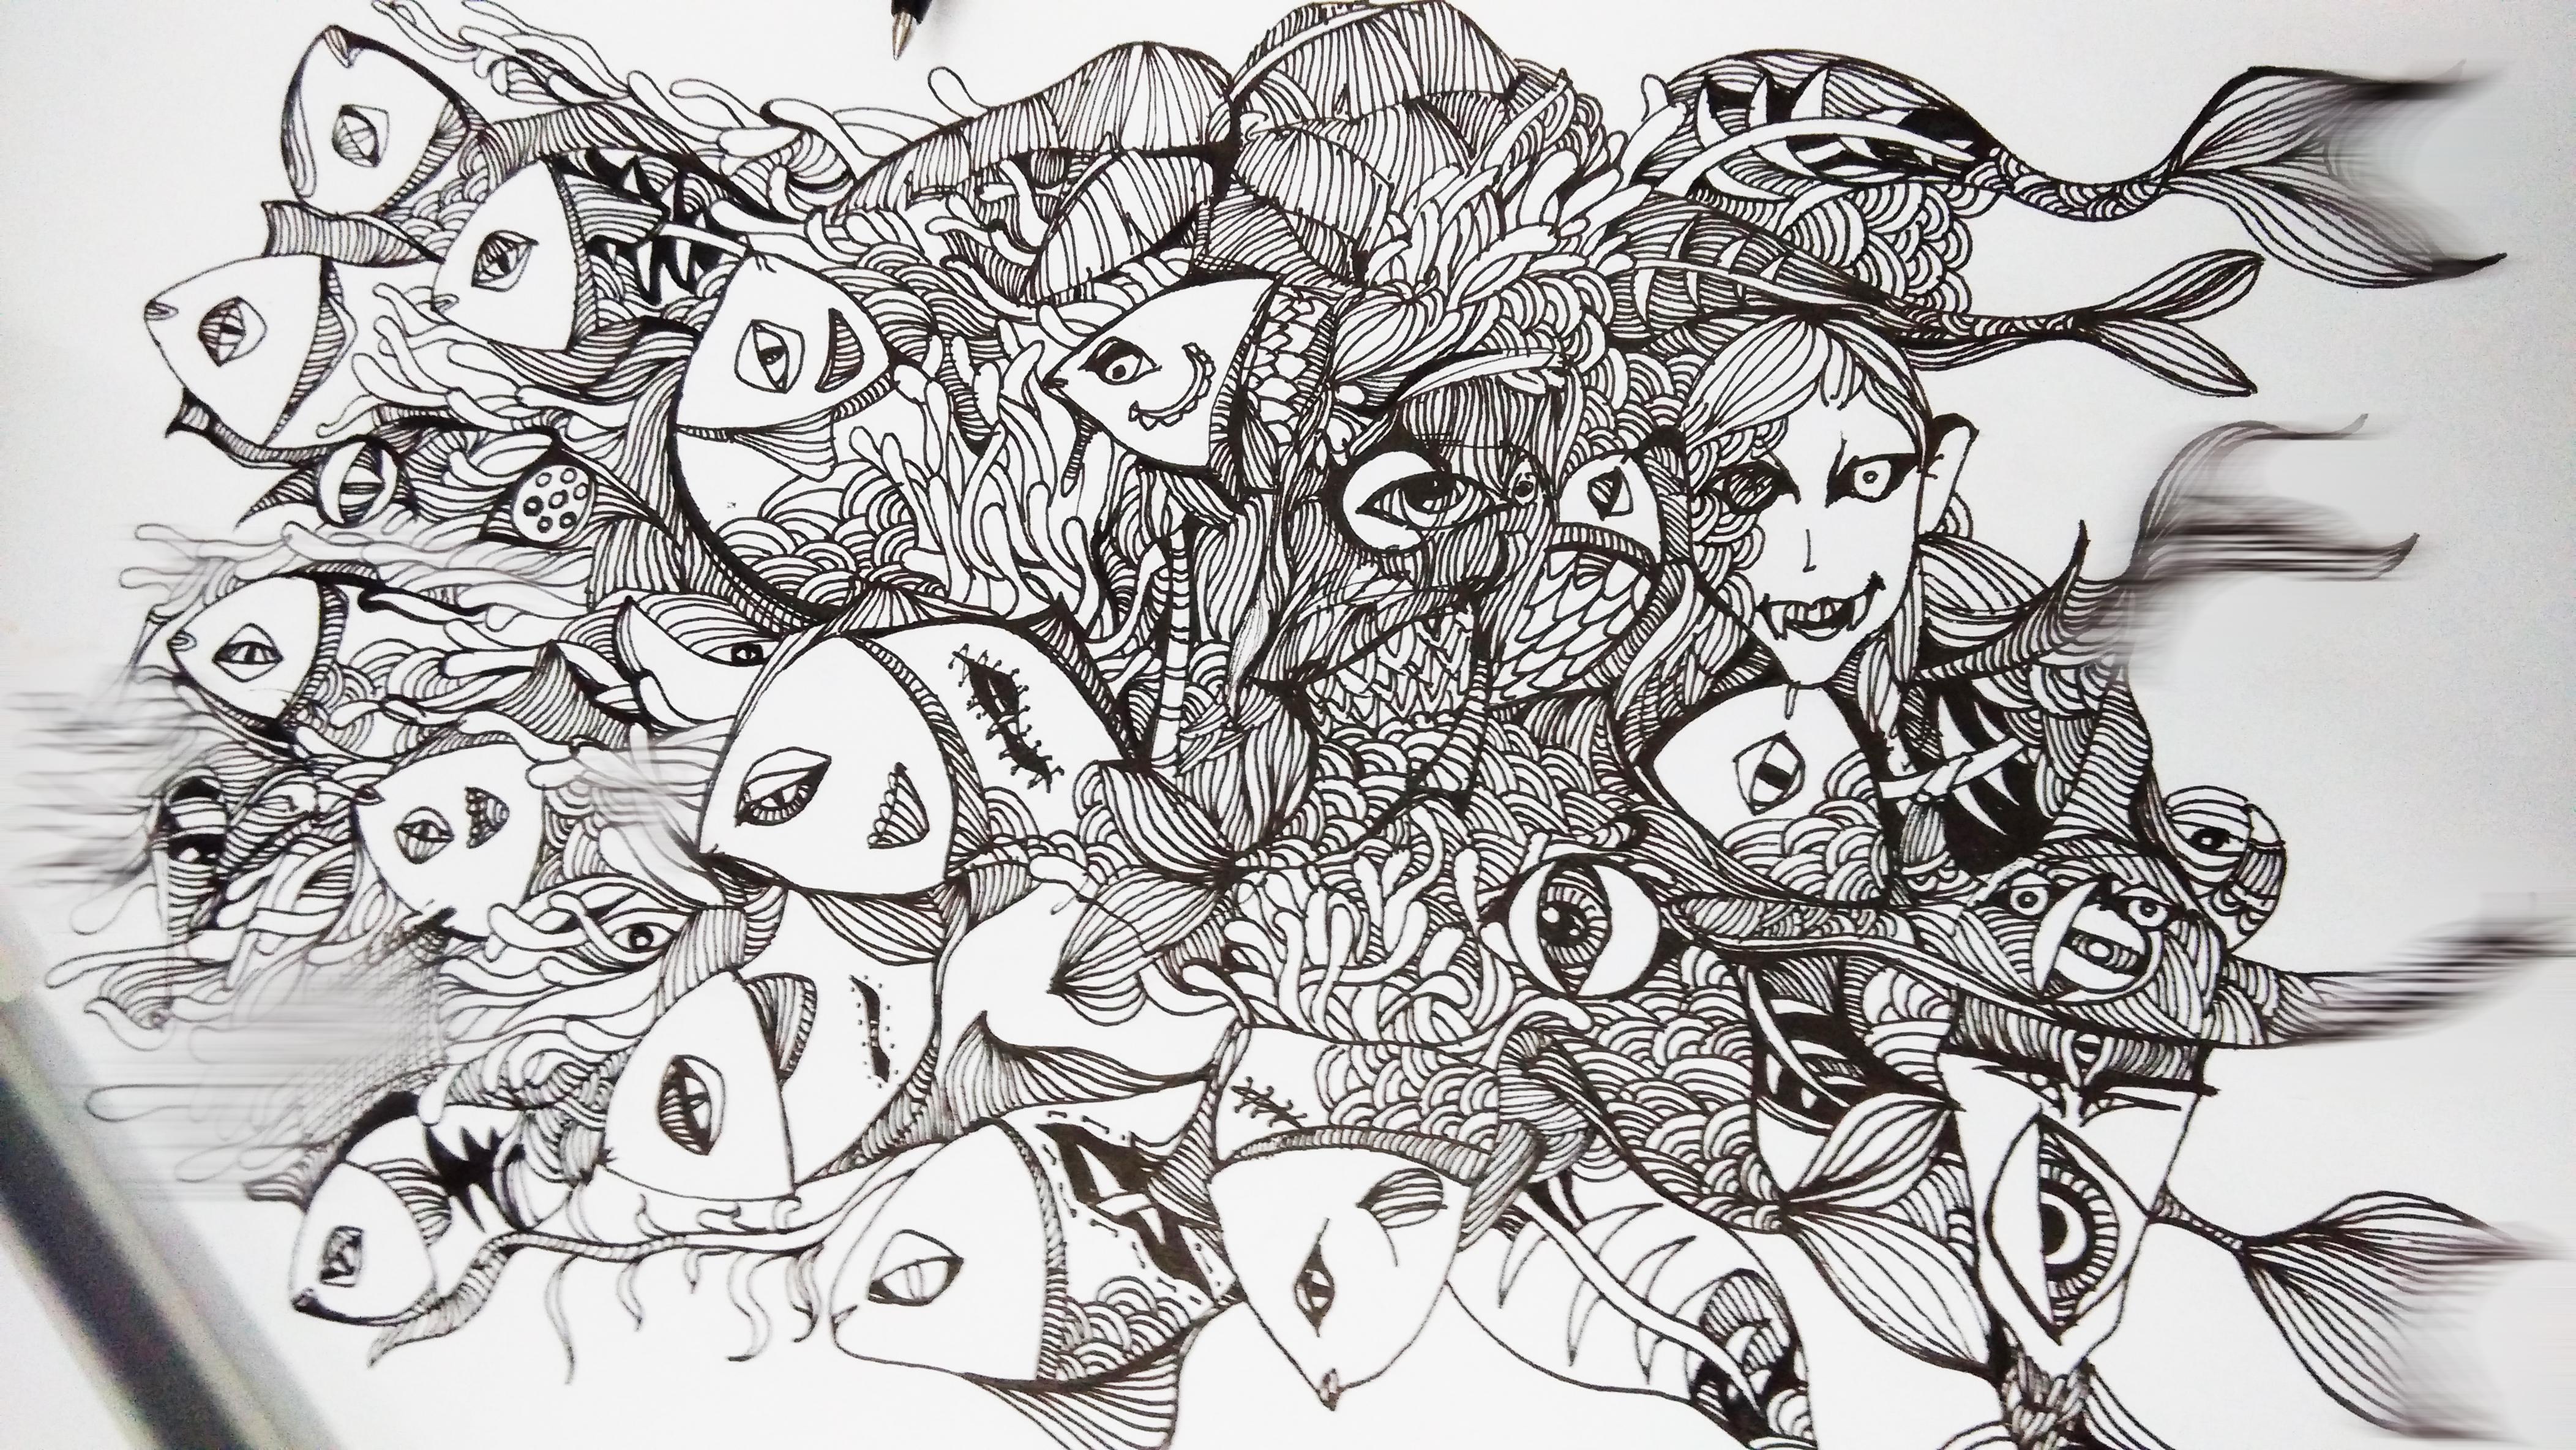 插画手绘|插画|涂鸦/潮流|言棺午木 - 原创作品